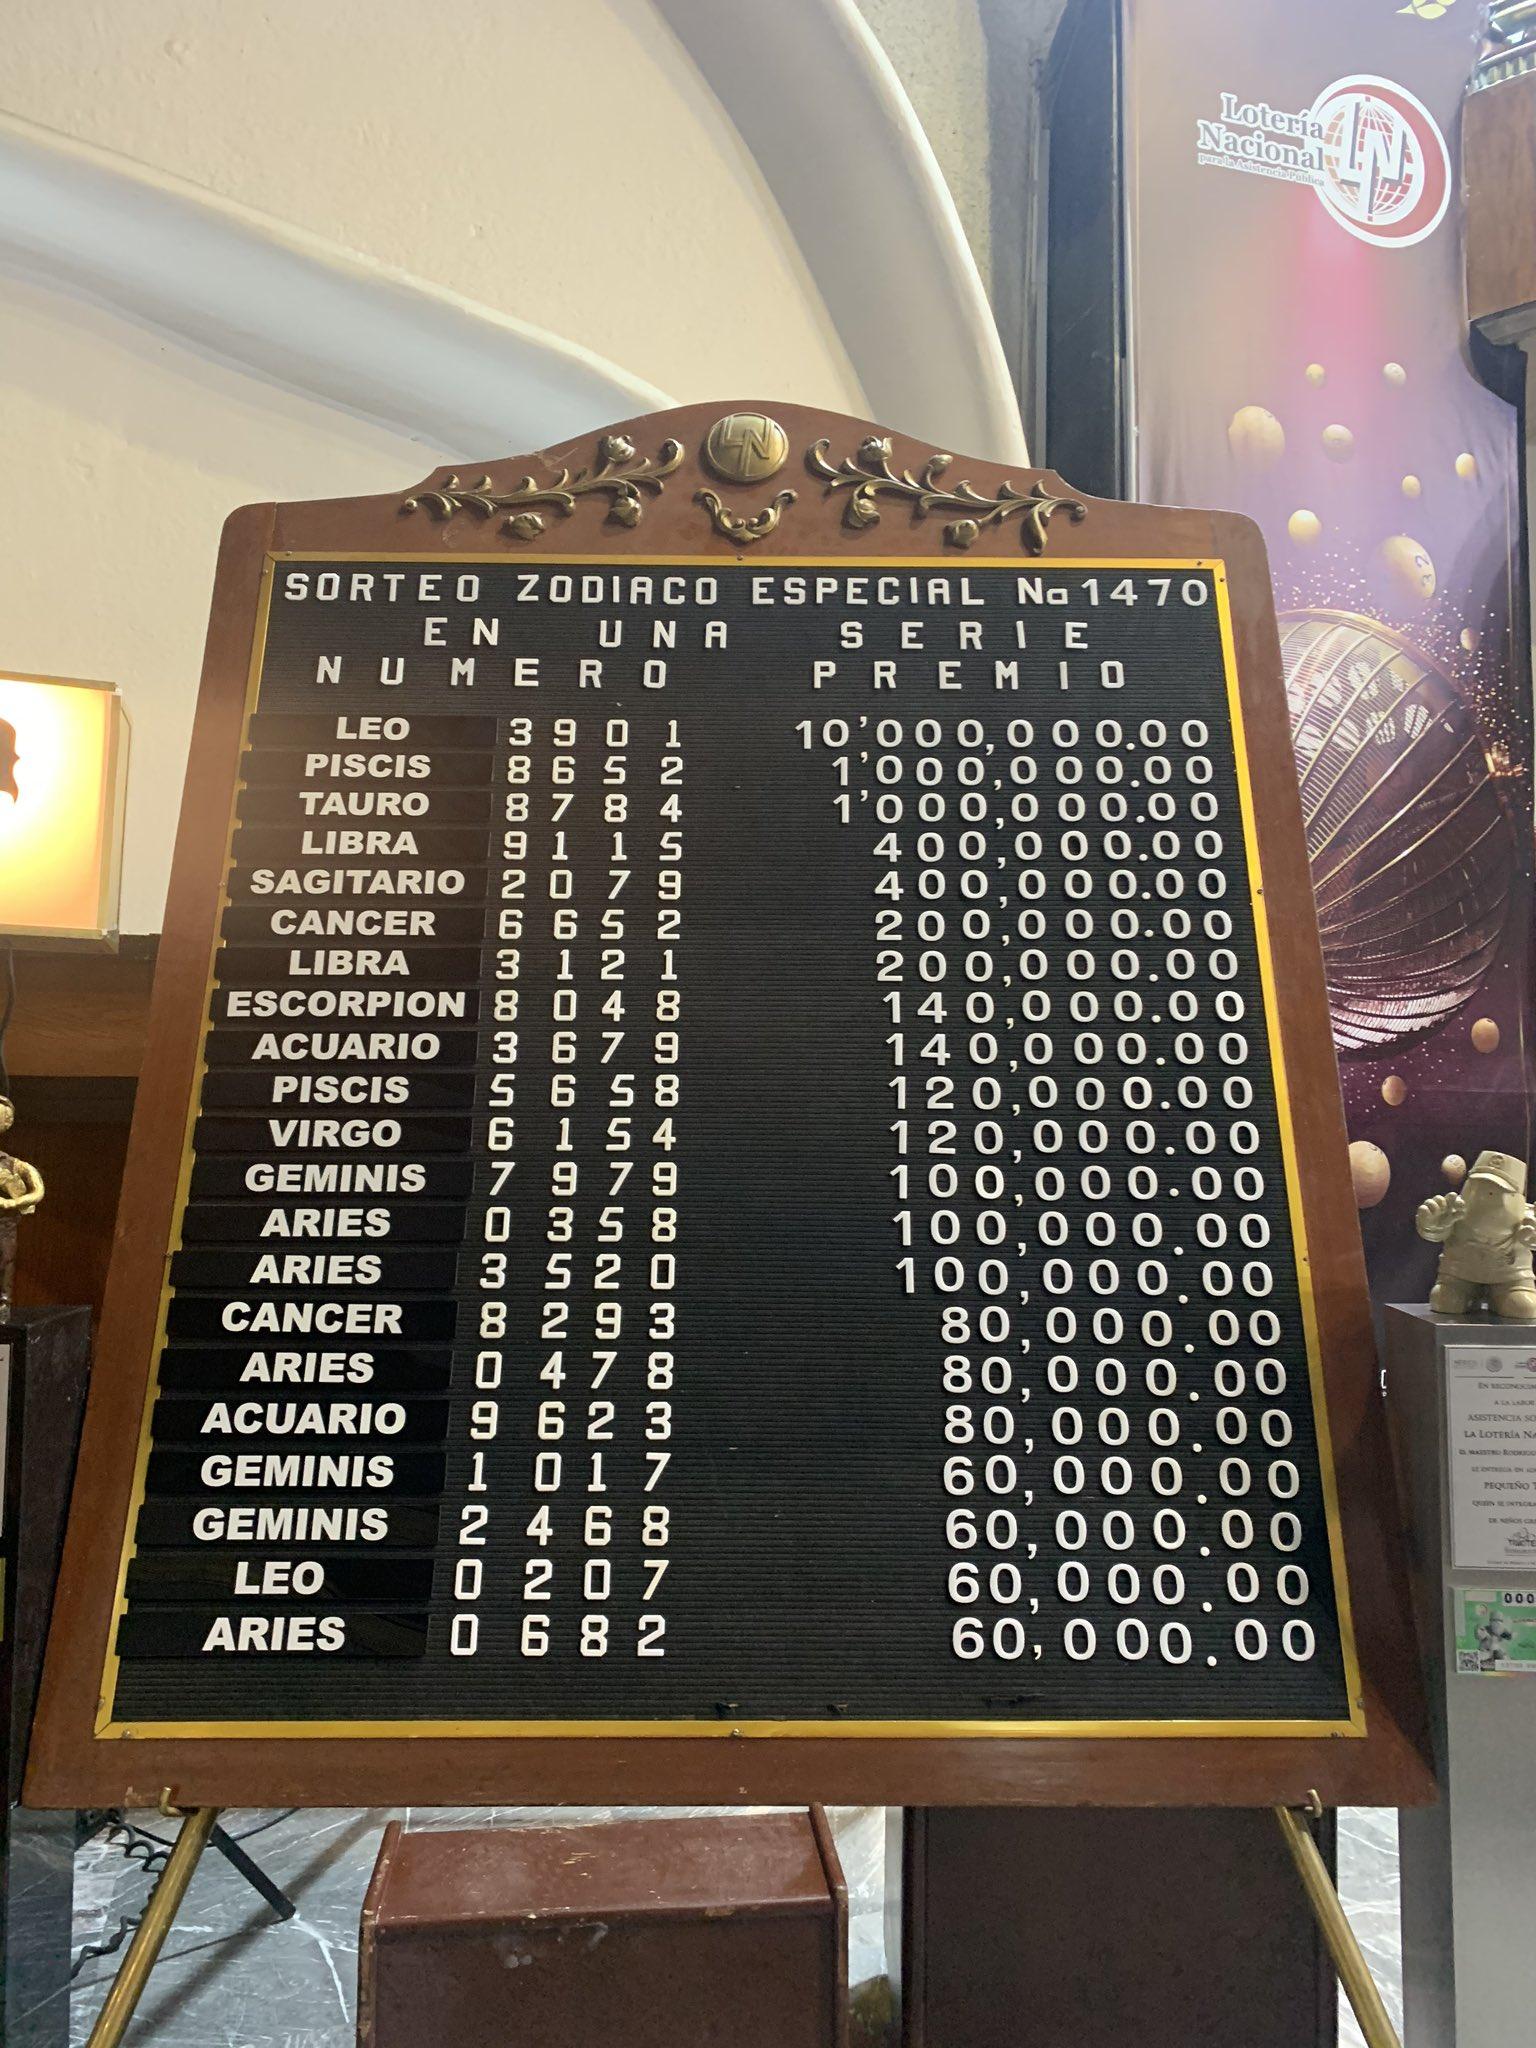 Resultado sorteo zodiaco 1470